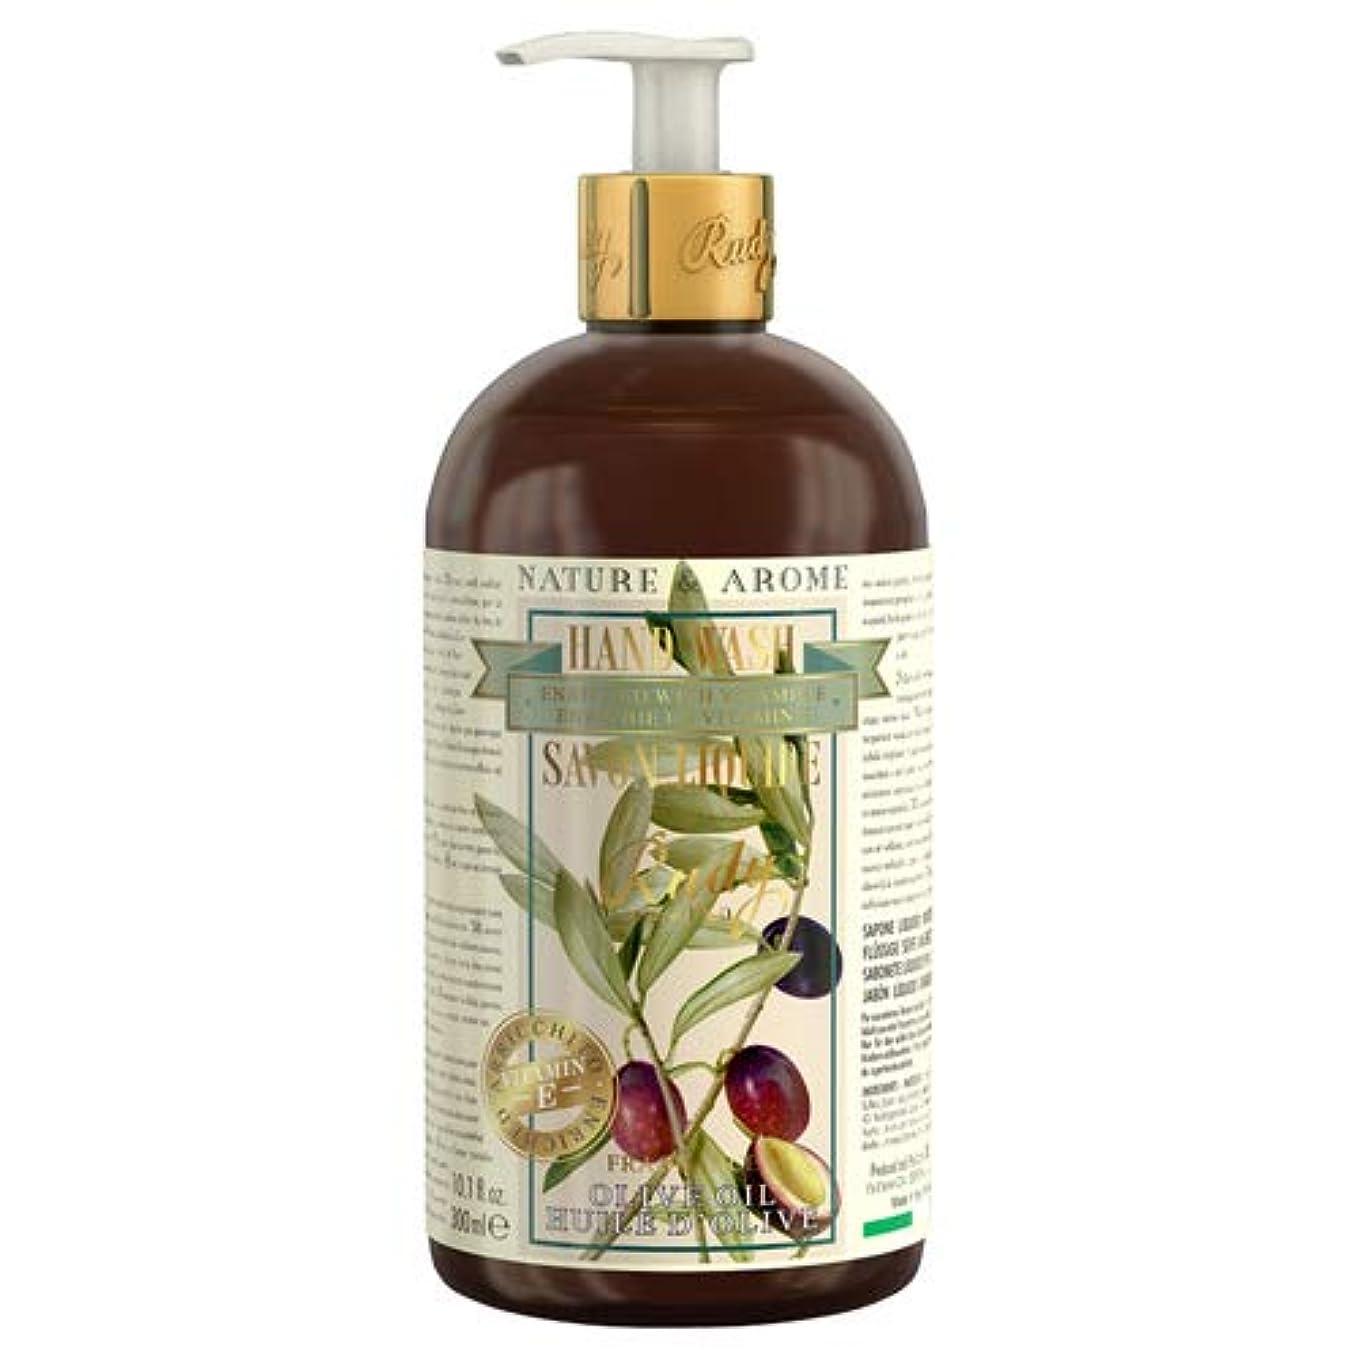 修正寝るベギンRUDY Nature&Arome Apothecary ネイチャーアロマ アポセカリー Hand Wash ハンドウォッシュ(ボディソープ) Olive Oil オリーブオイル